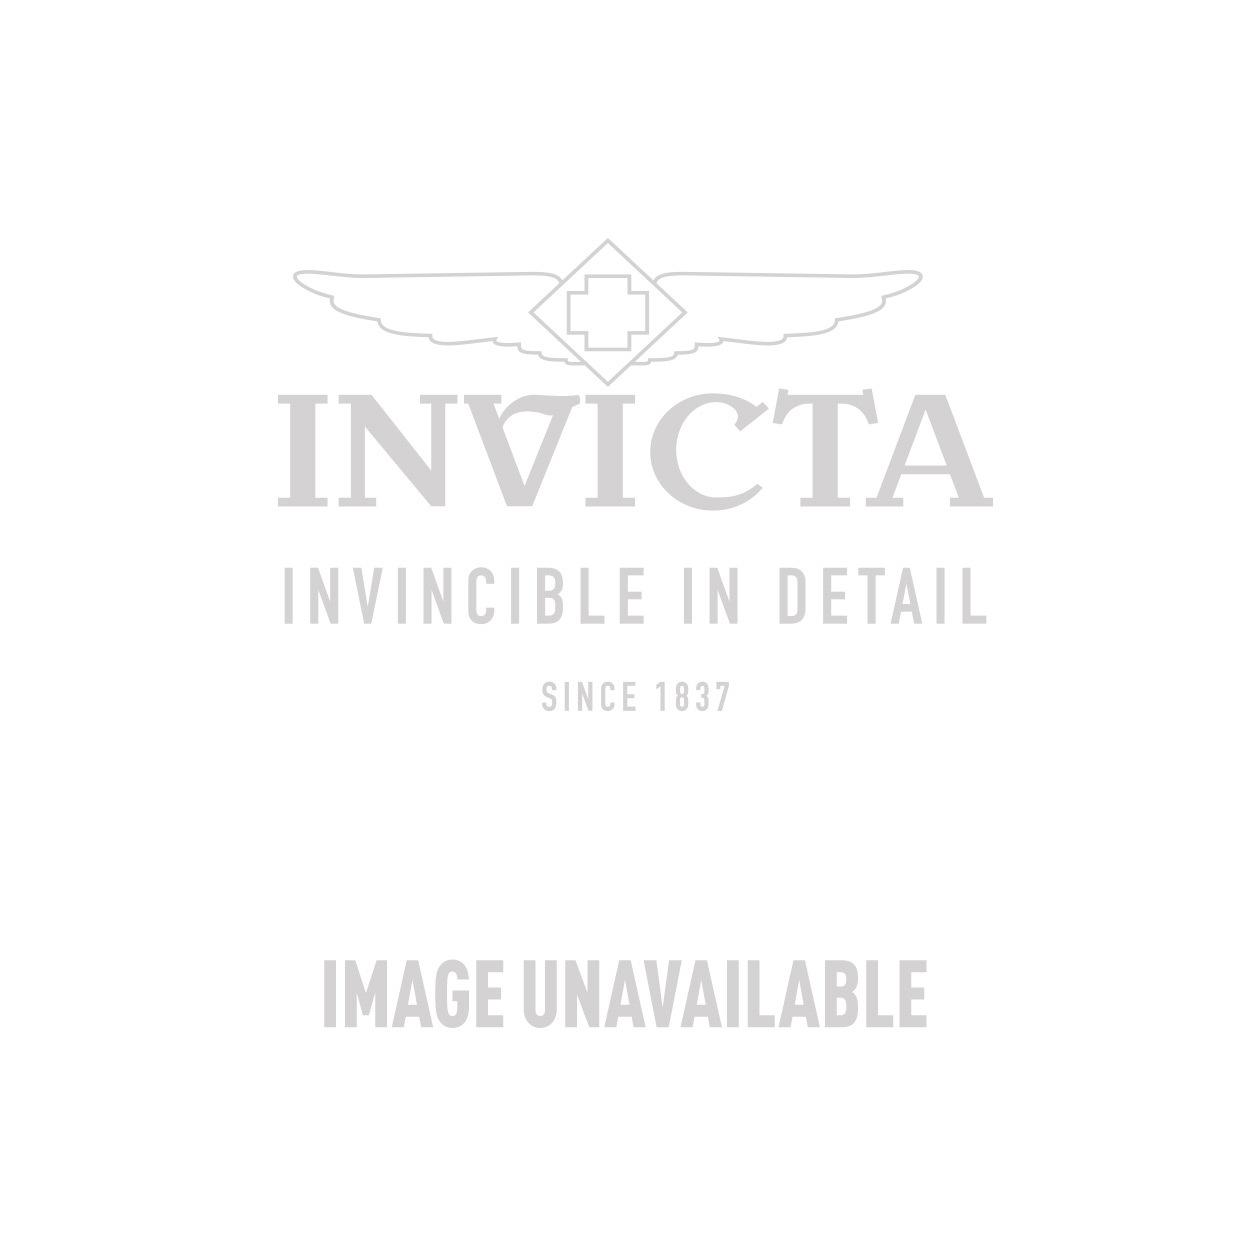 Invicta Model 25774